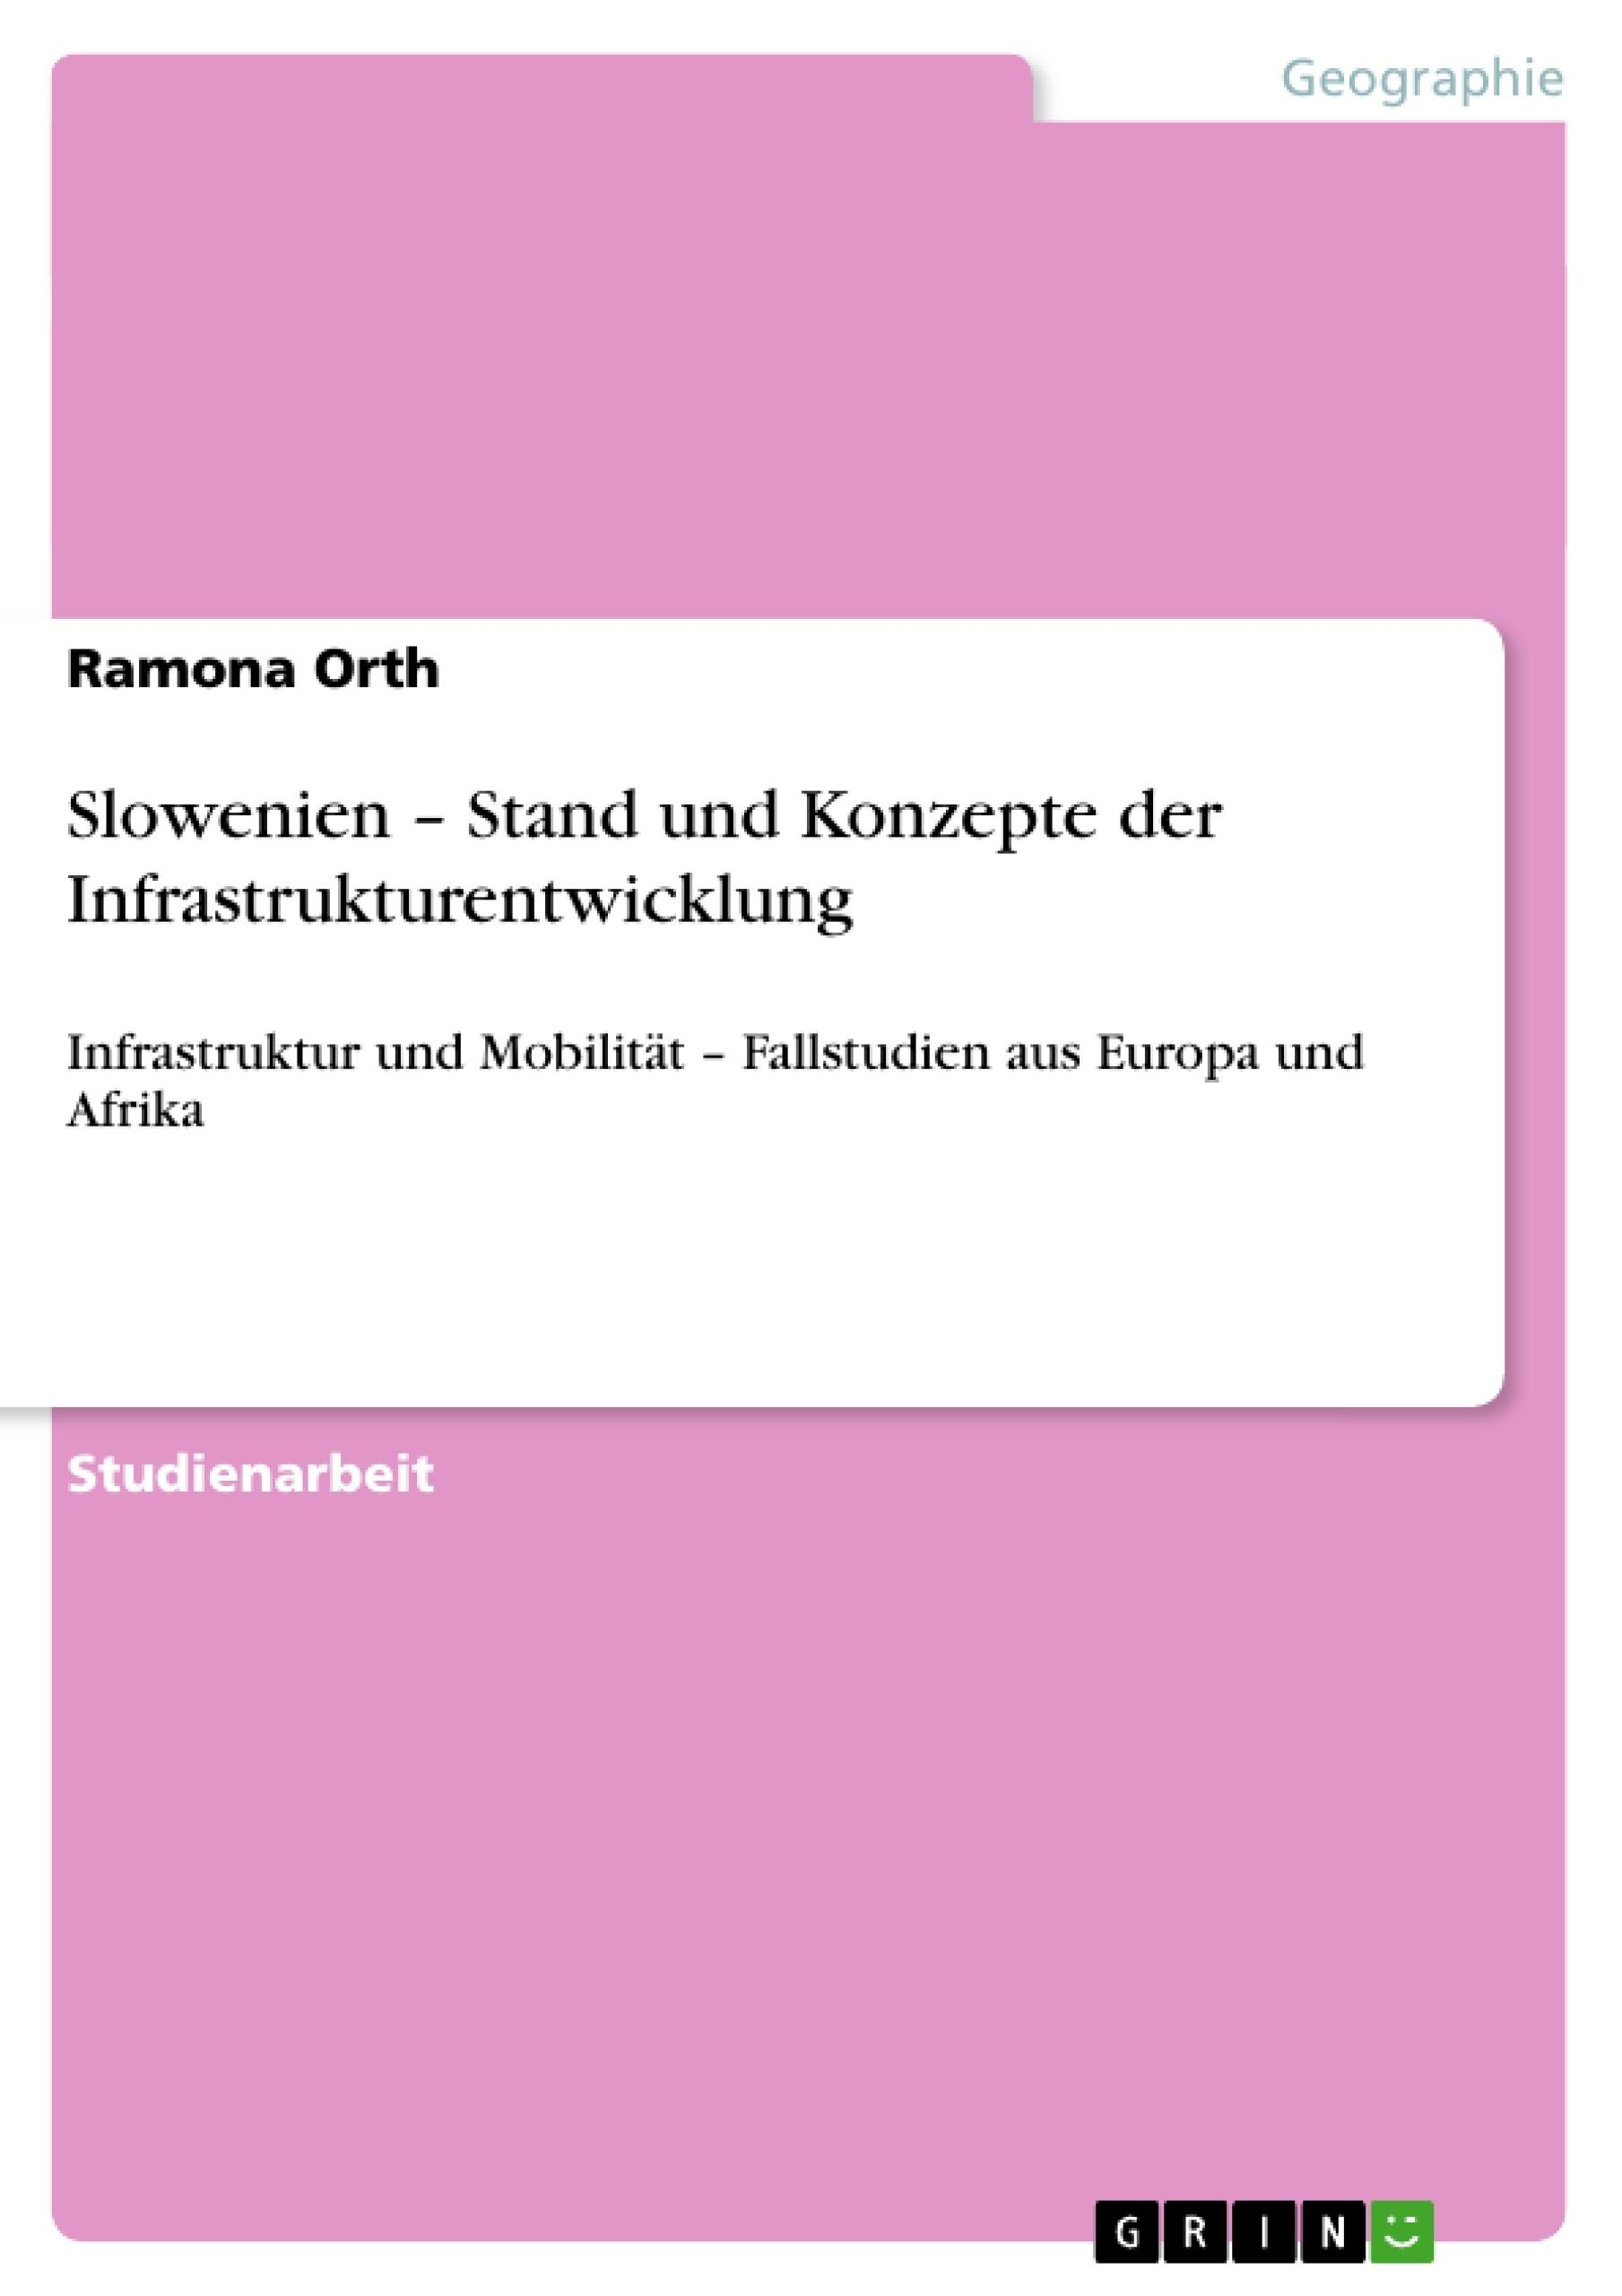 Titel: Slowenien – Stand und Konzepte der Infrastrukturentwicklung